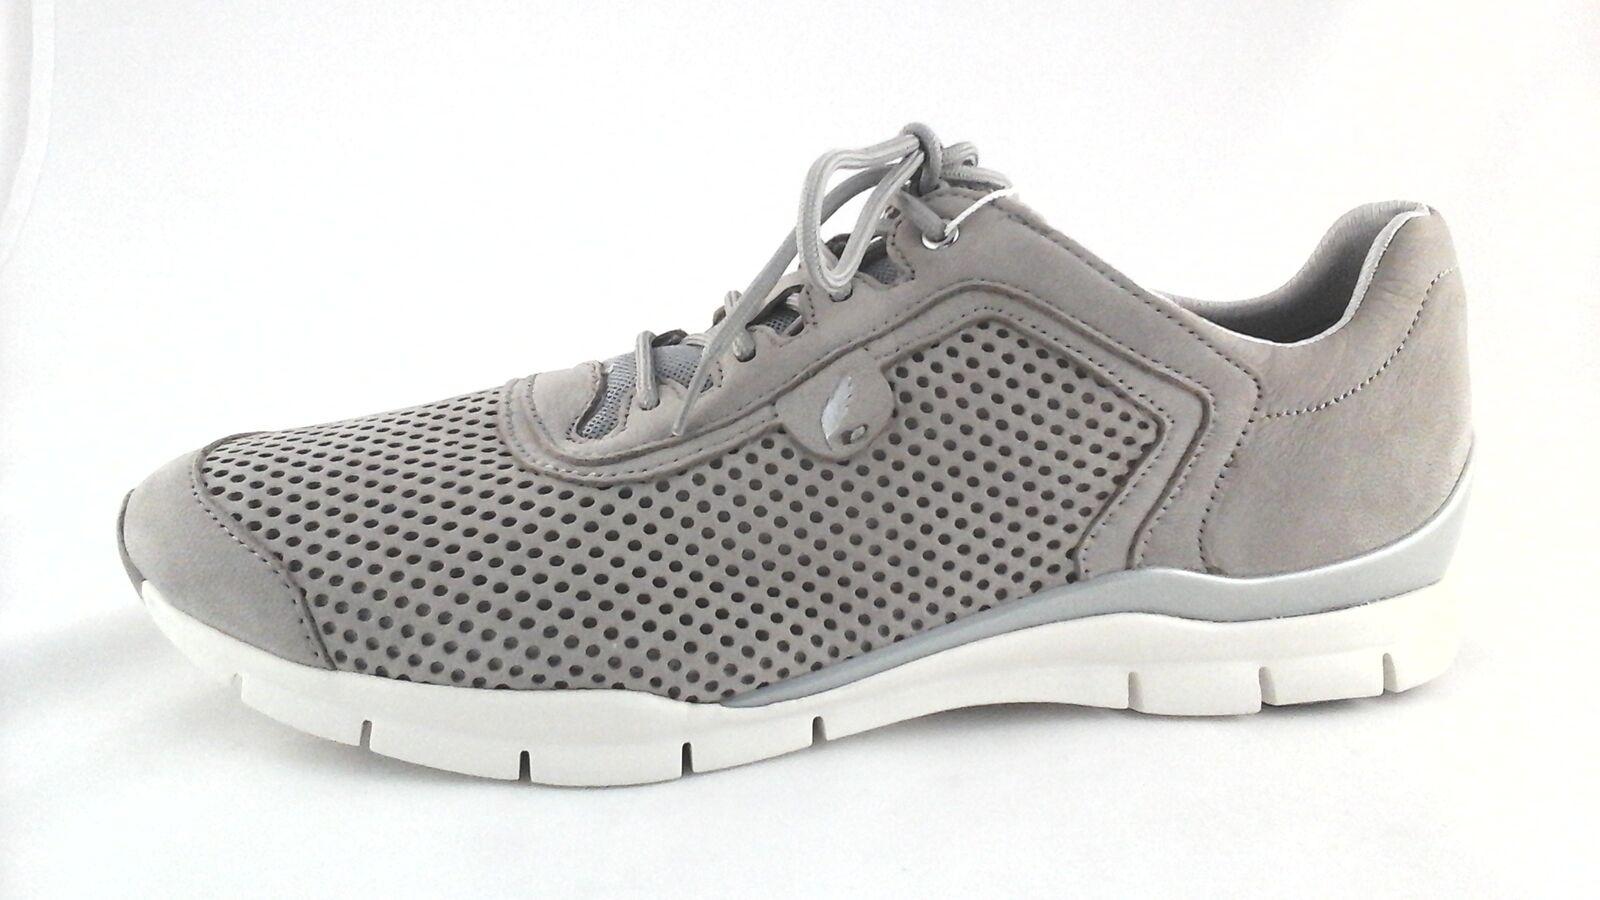 Geox respira para mujer zapatos zapatos zapatos para caminar deporte nos Marrón Topo Comfort 11 UK 8 EU 42 Nuevo Raro  en venta en línea